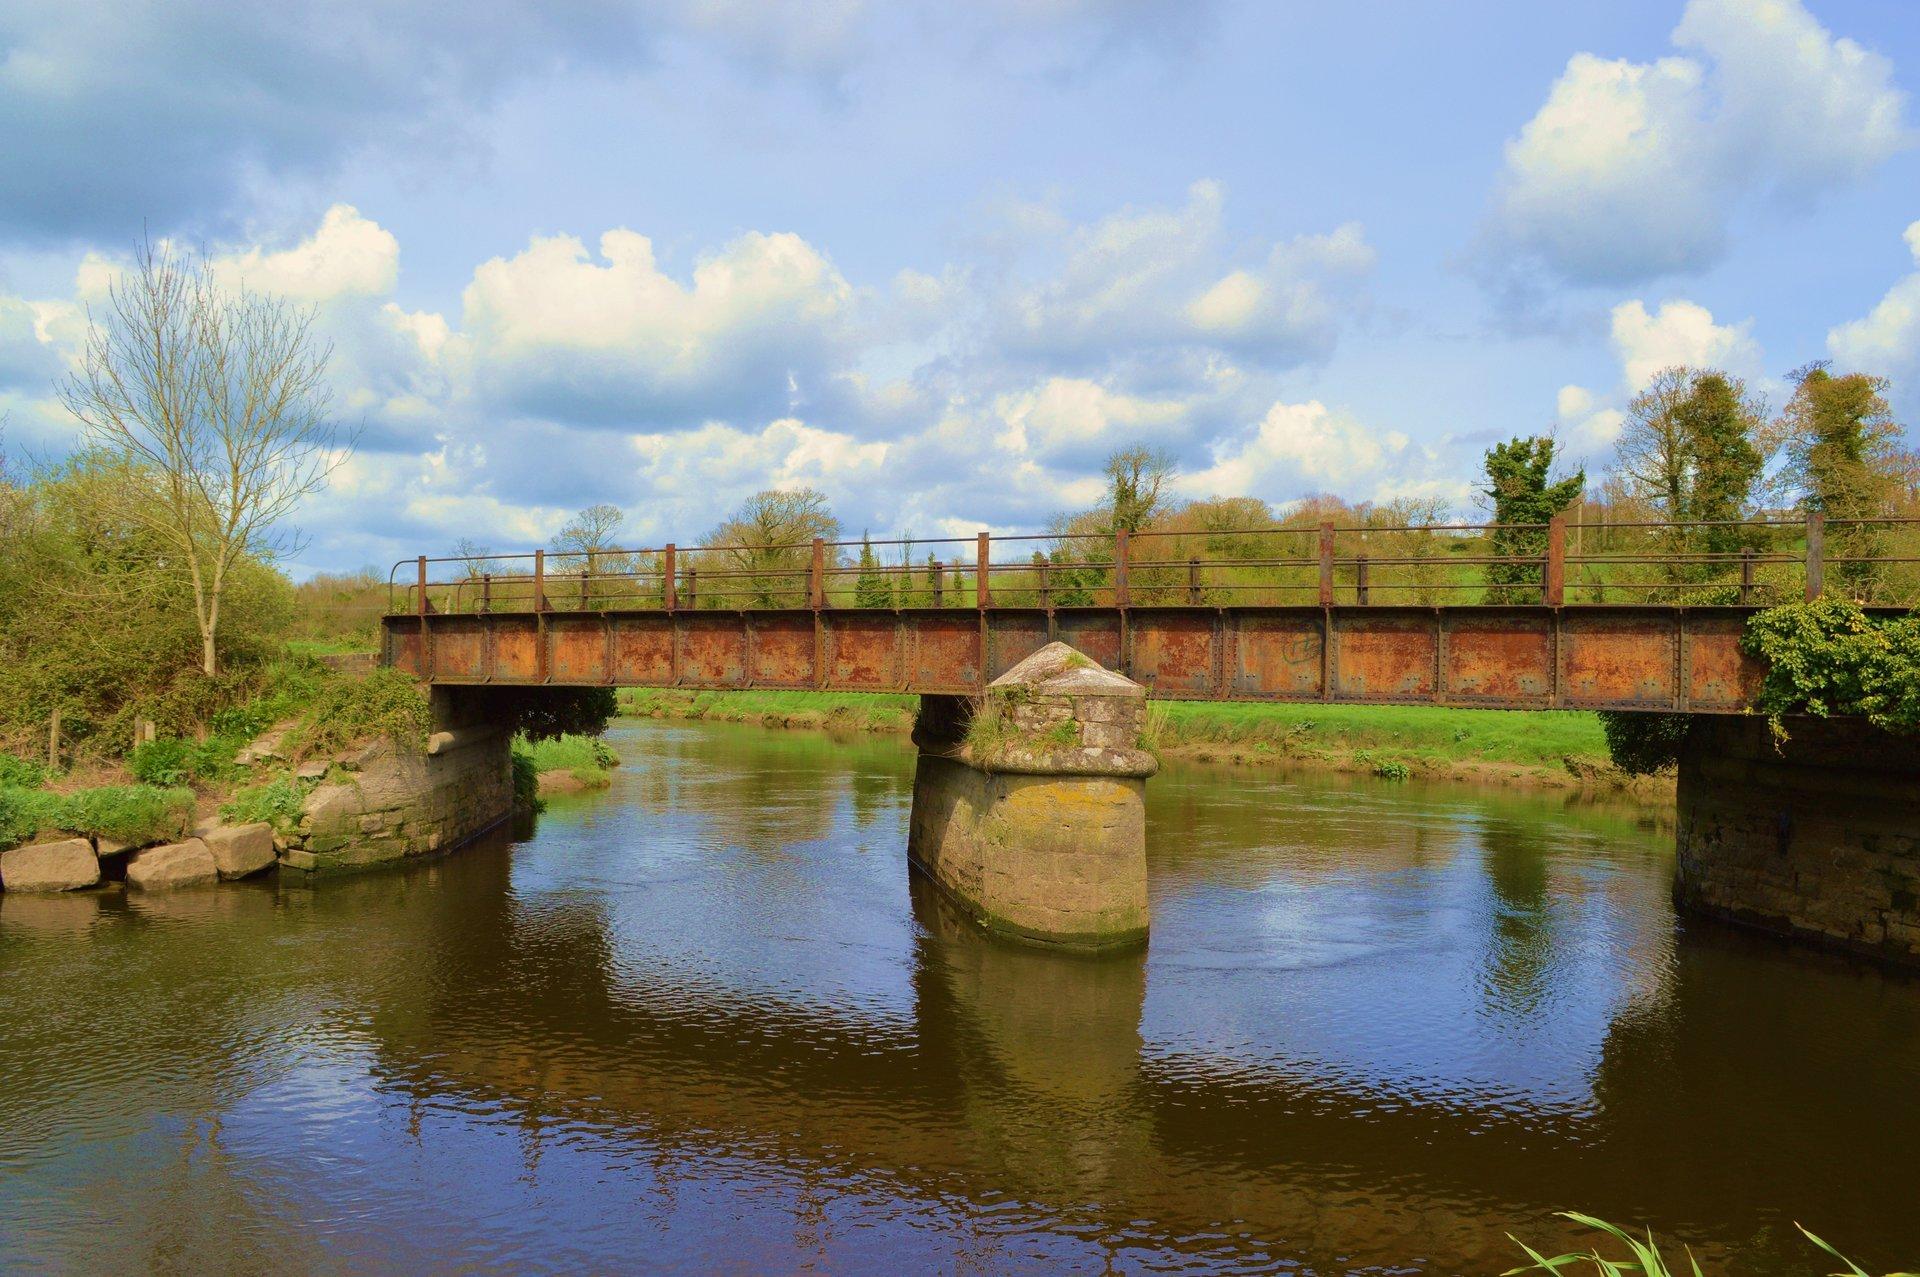 a small bridge